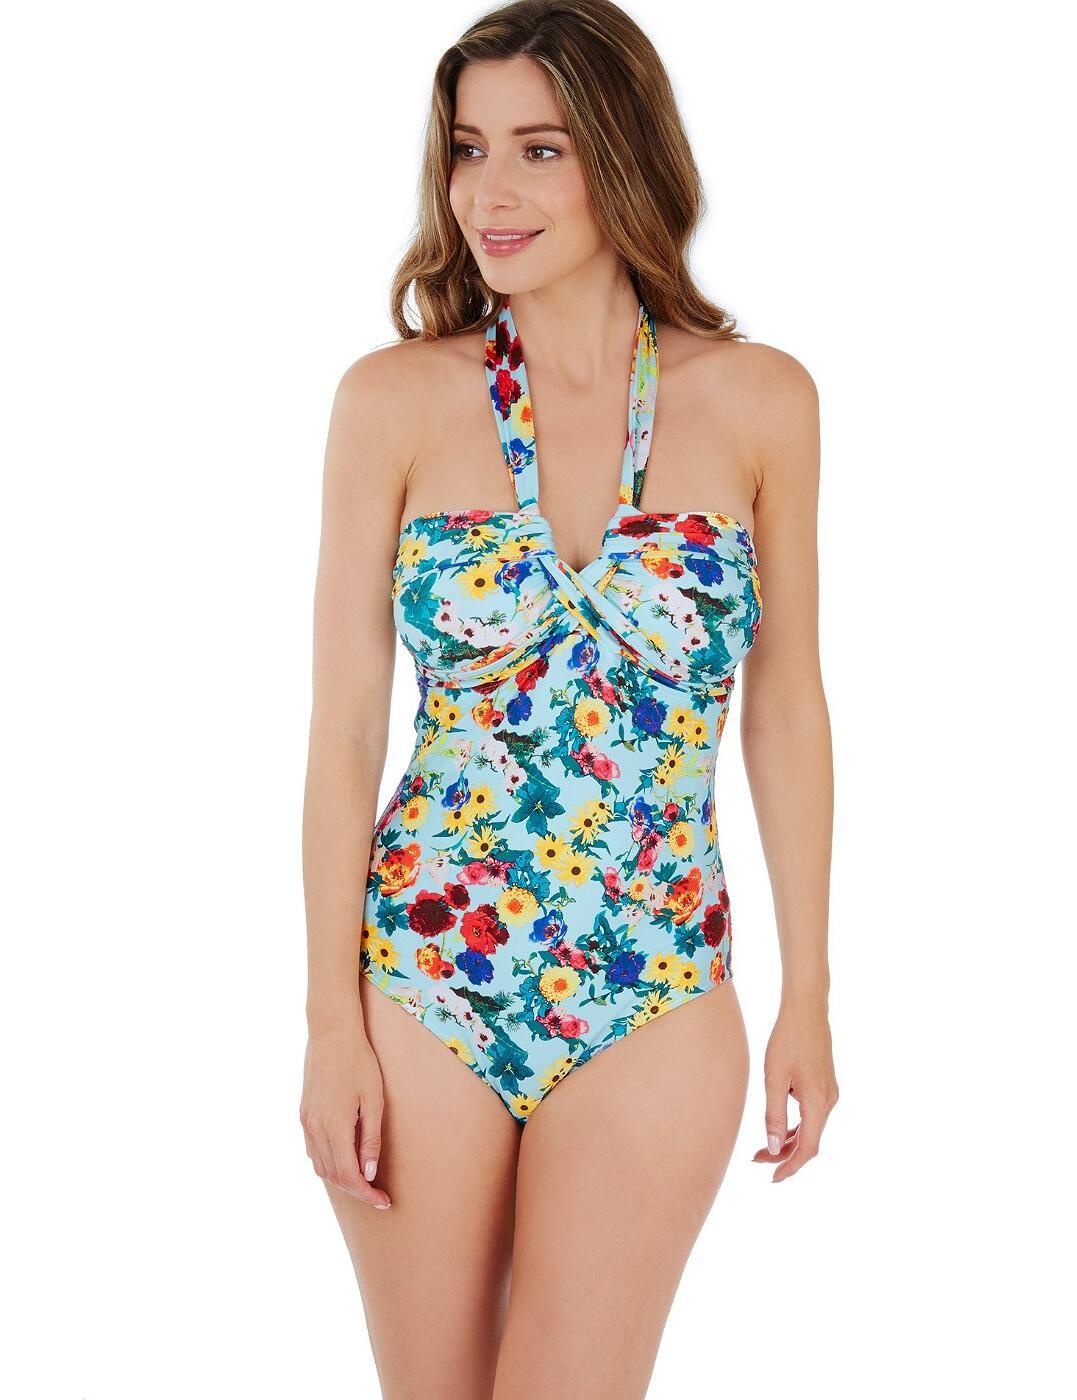 1680830 Lepel Flower Power Bandeau Swimsuit - 1680830 Blue/Multi